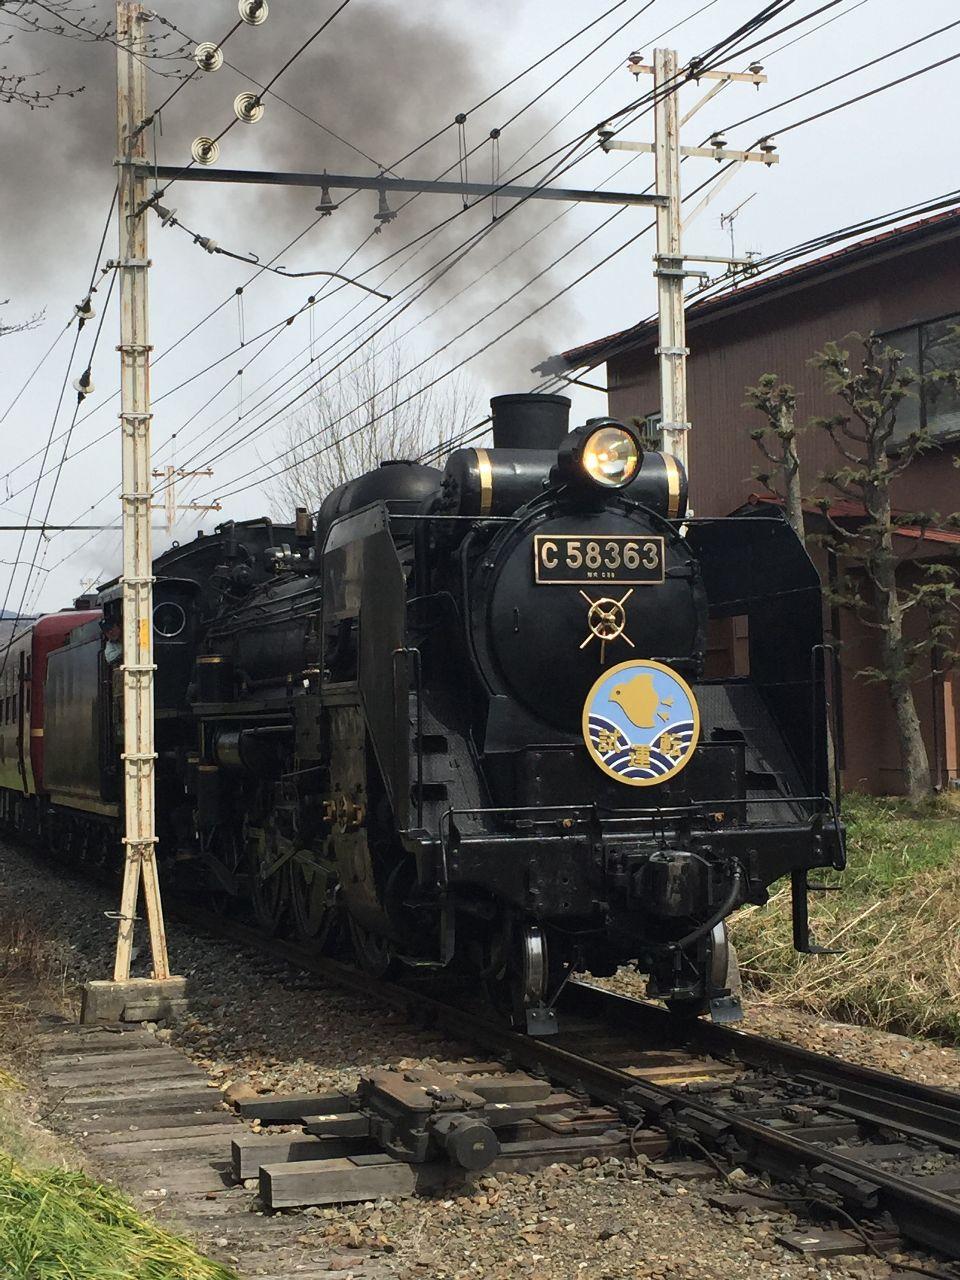 9012 - 秩父鉄道(株) 今日の運行していたSLです♪(´ε` )  散歩中に偶然遭遇して 撮り鉄